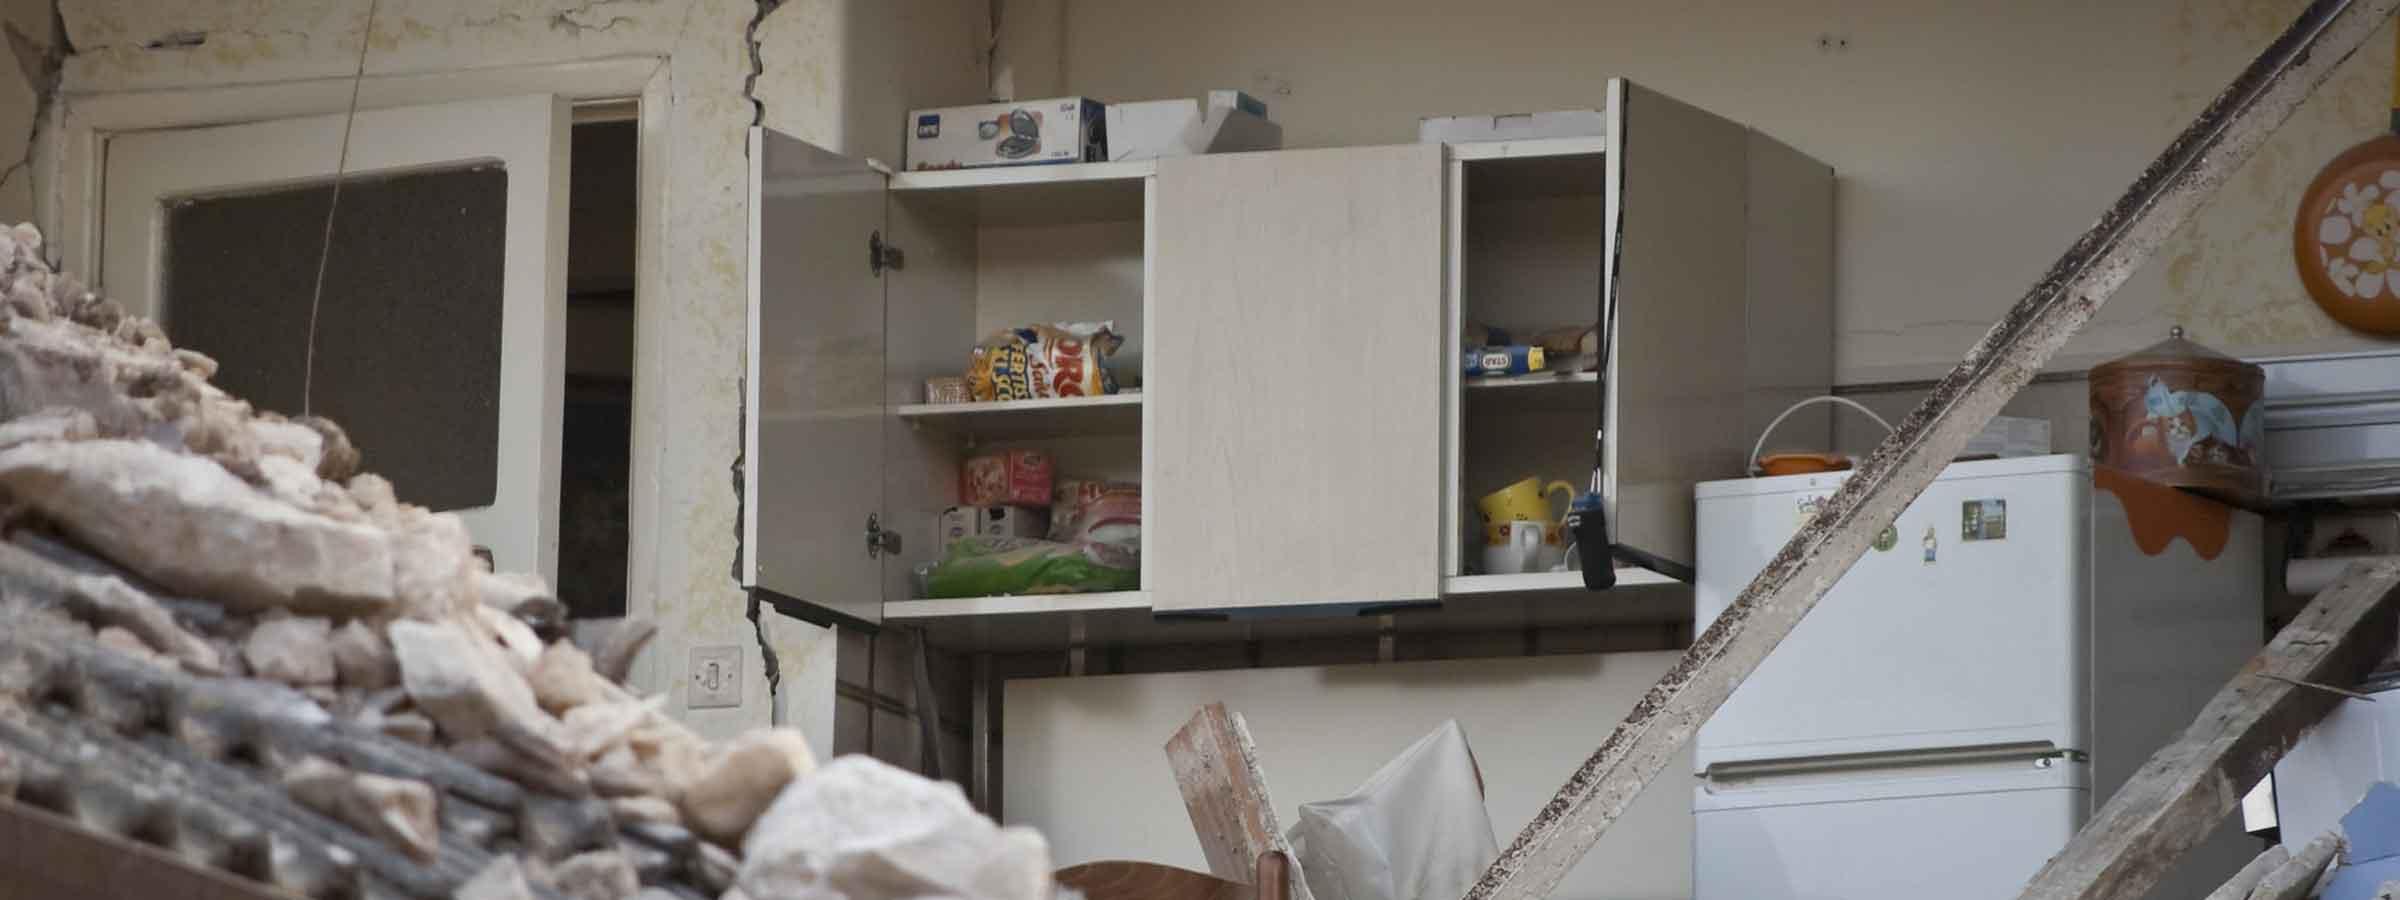 Vista di una cucina di una casa devastata da un terremoto